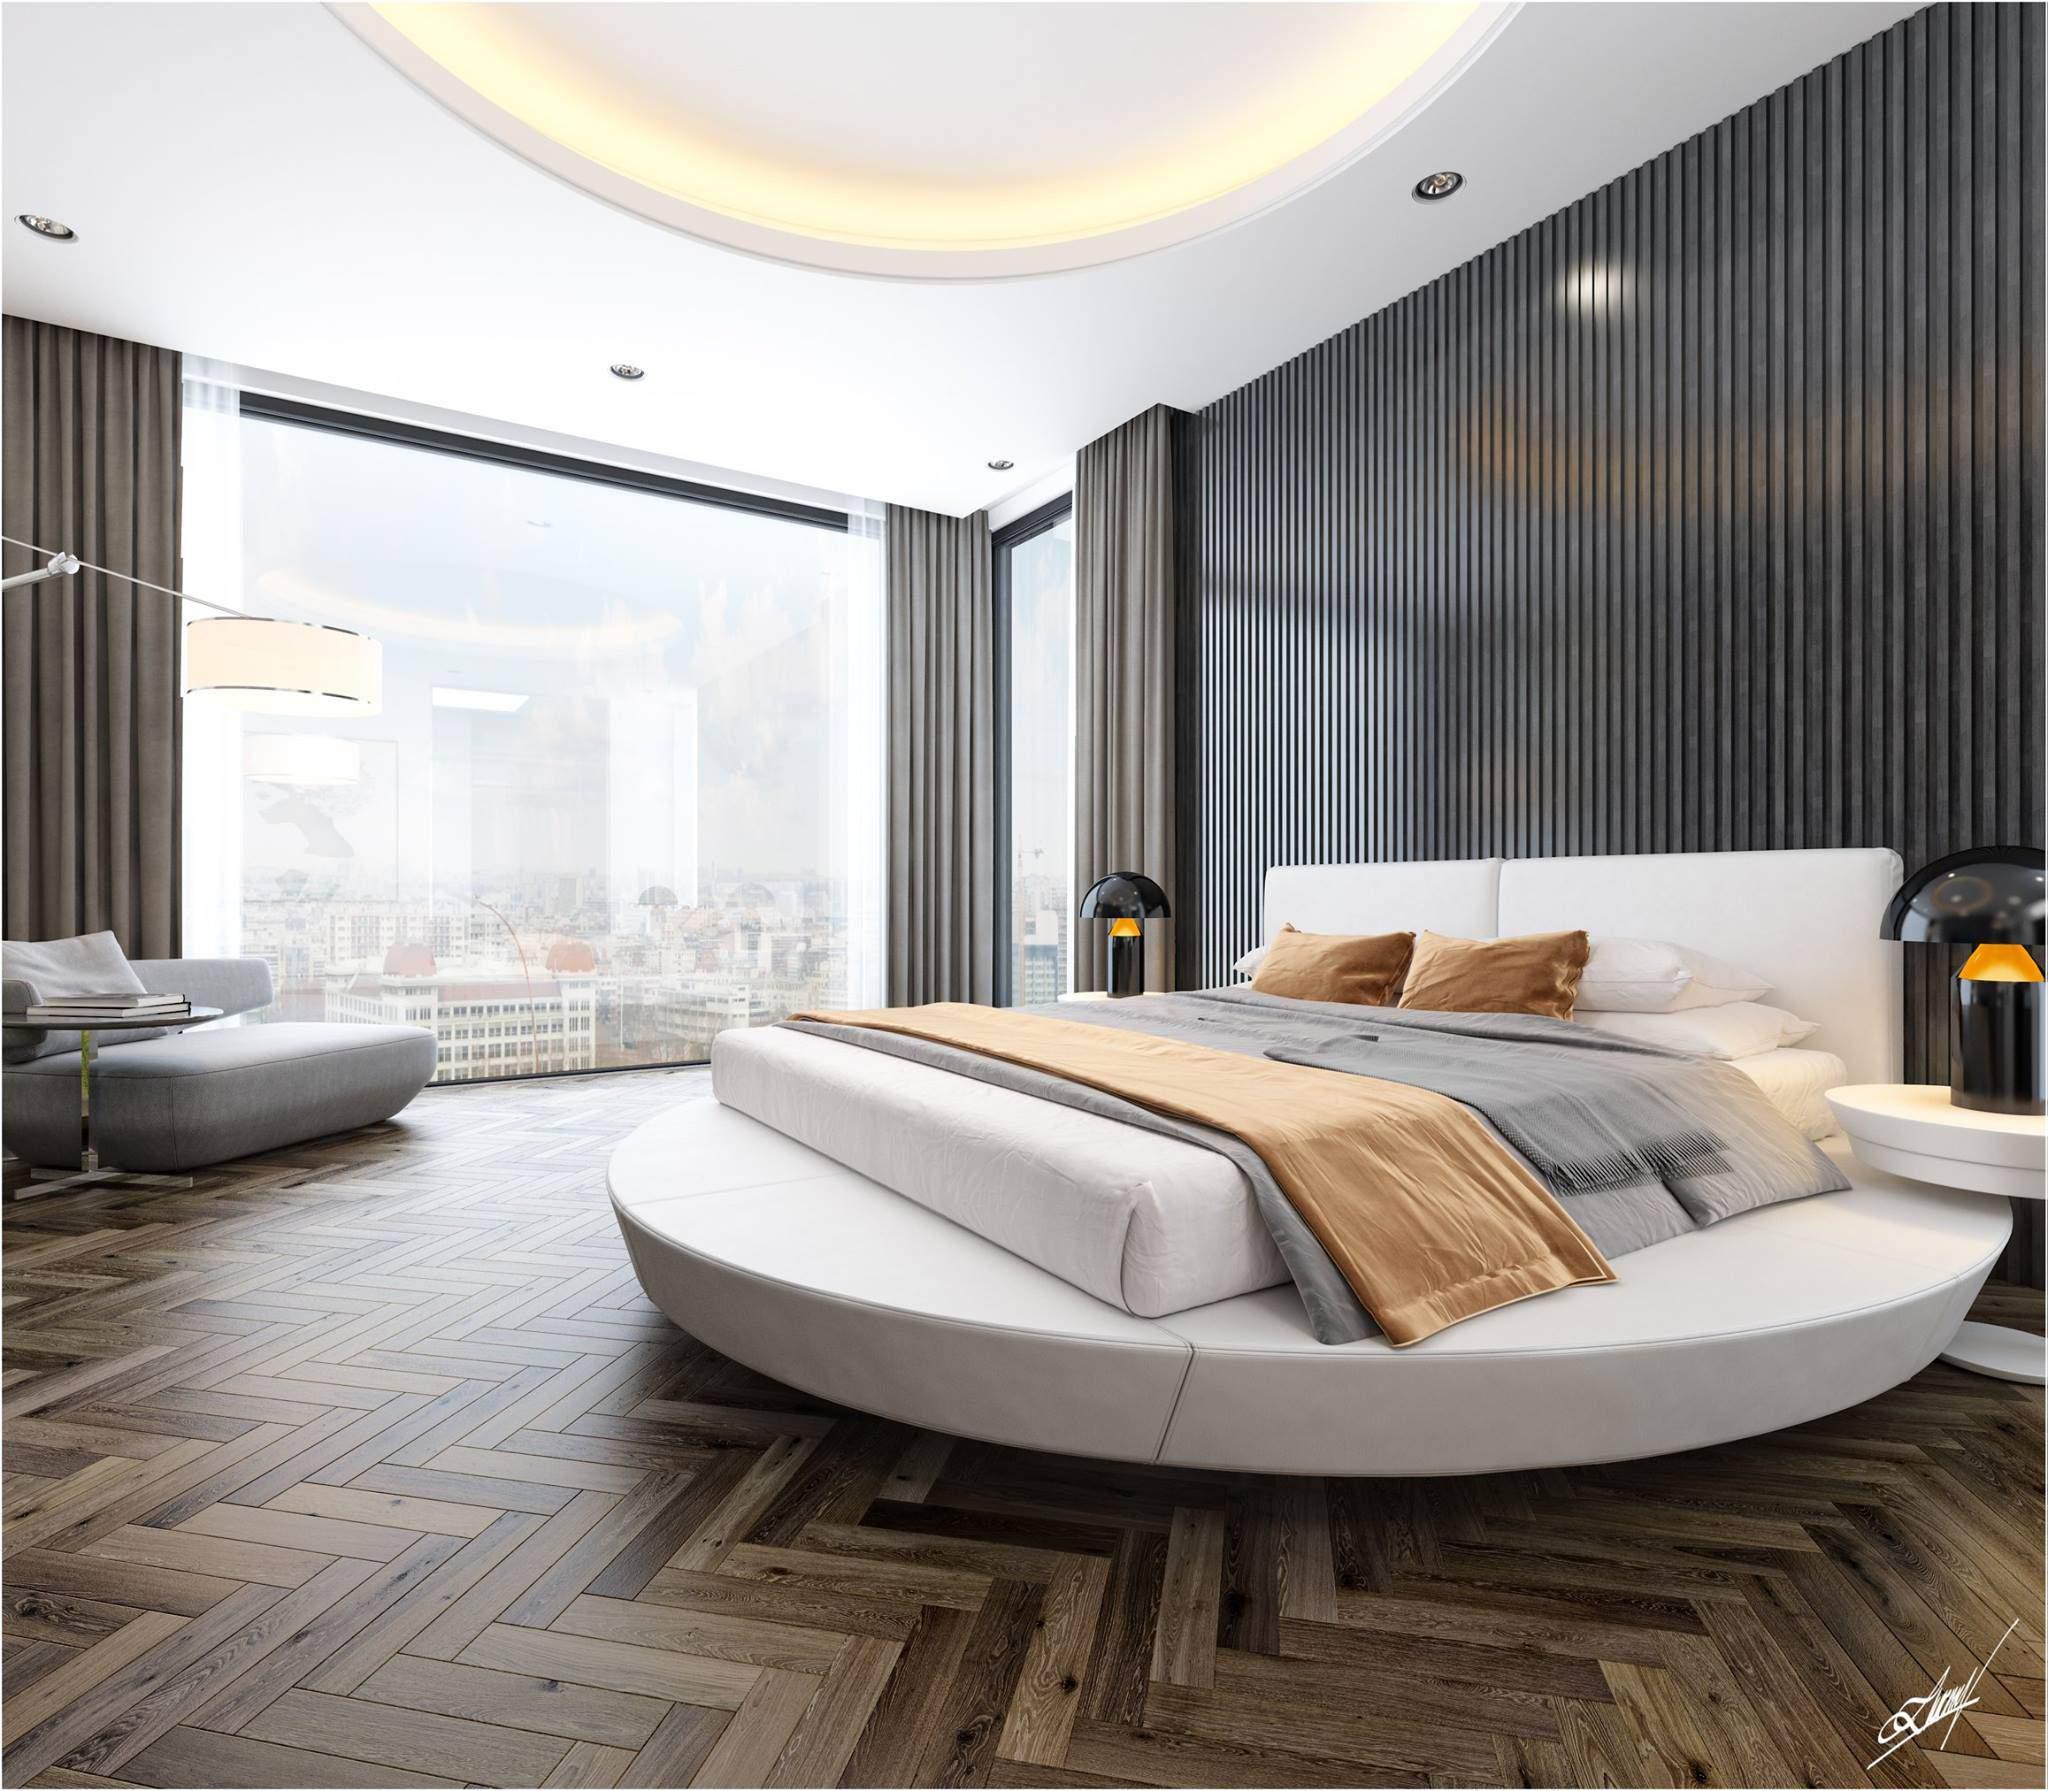 Mẫu thiết kế phòng ngủ đẹp và đẳng cấp